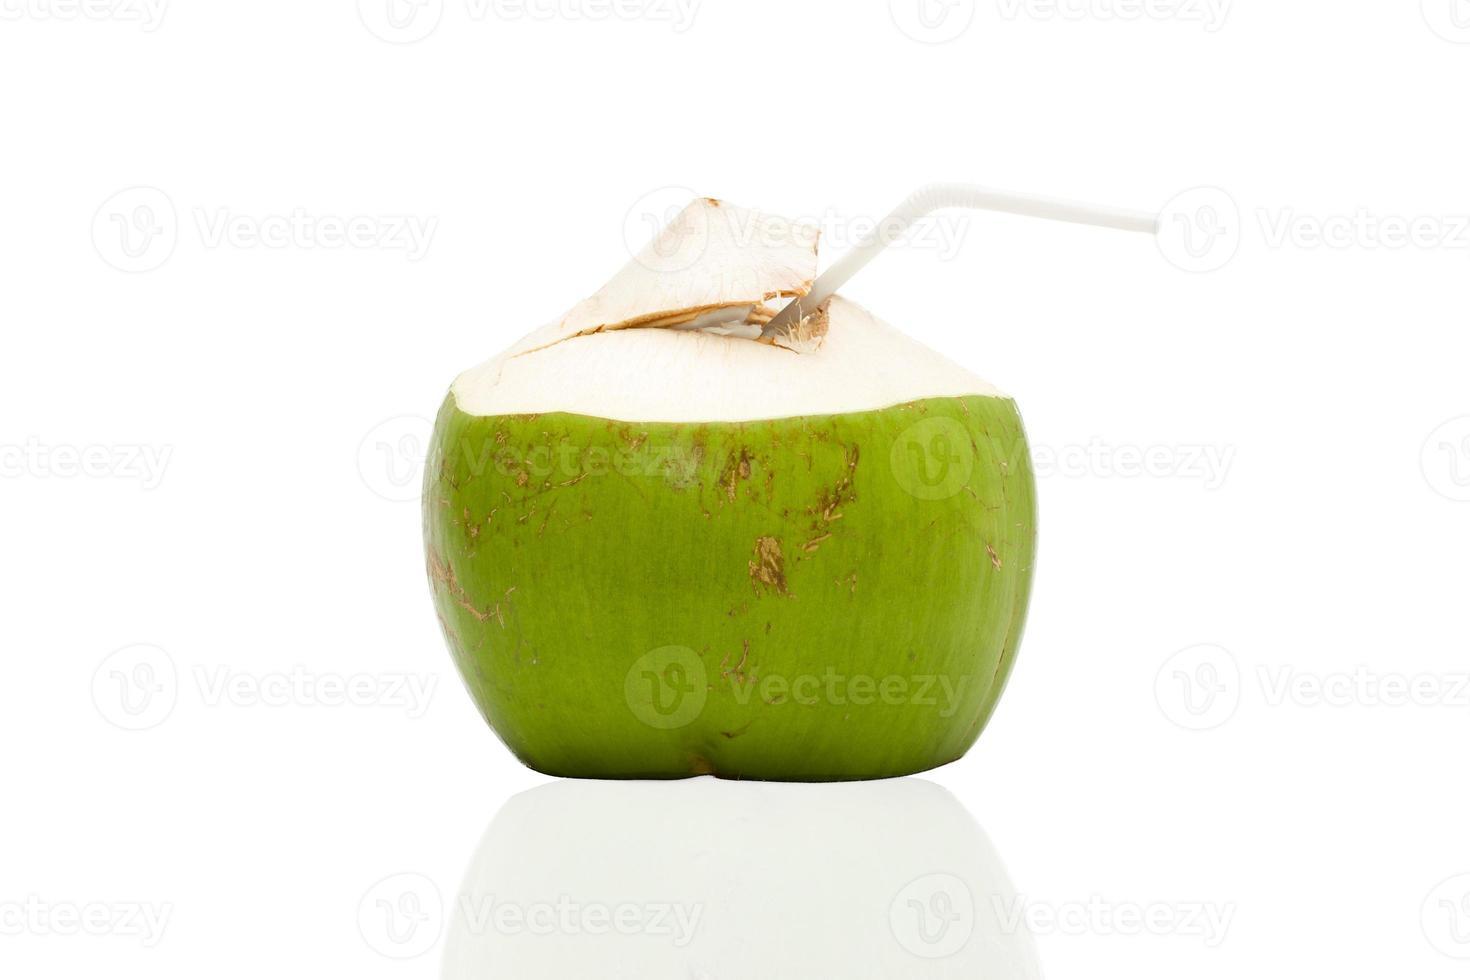 färsk kokosnötvatten dryck foto